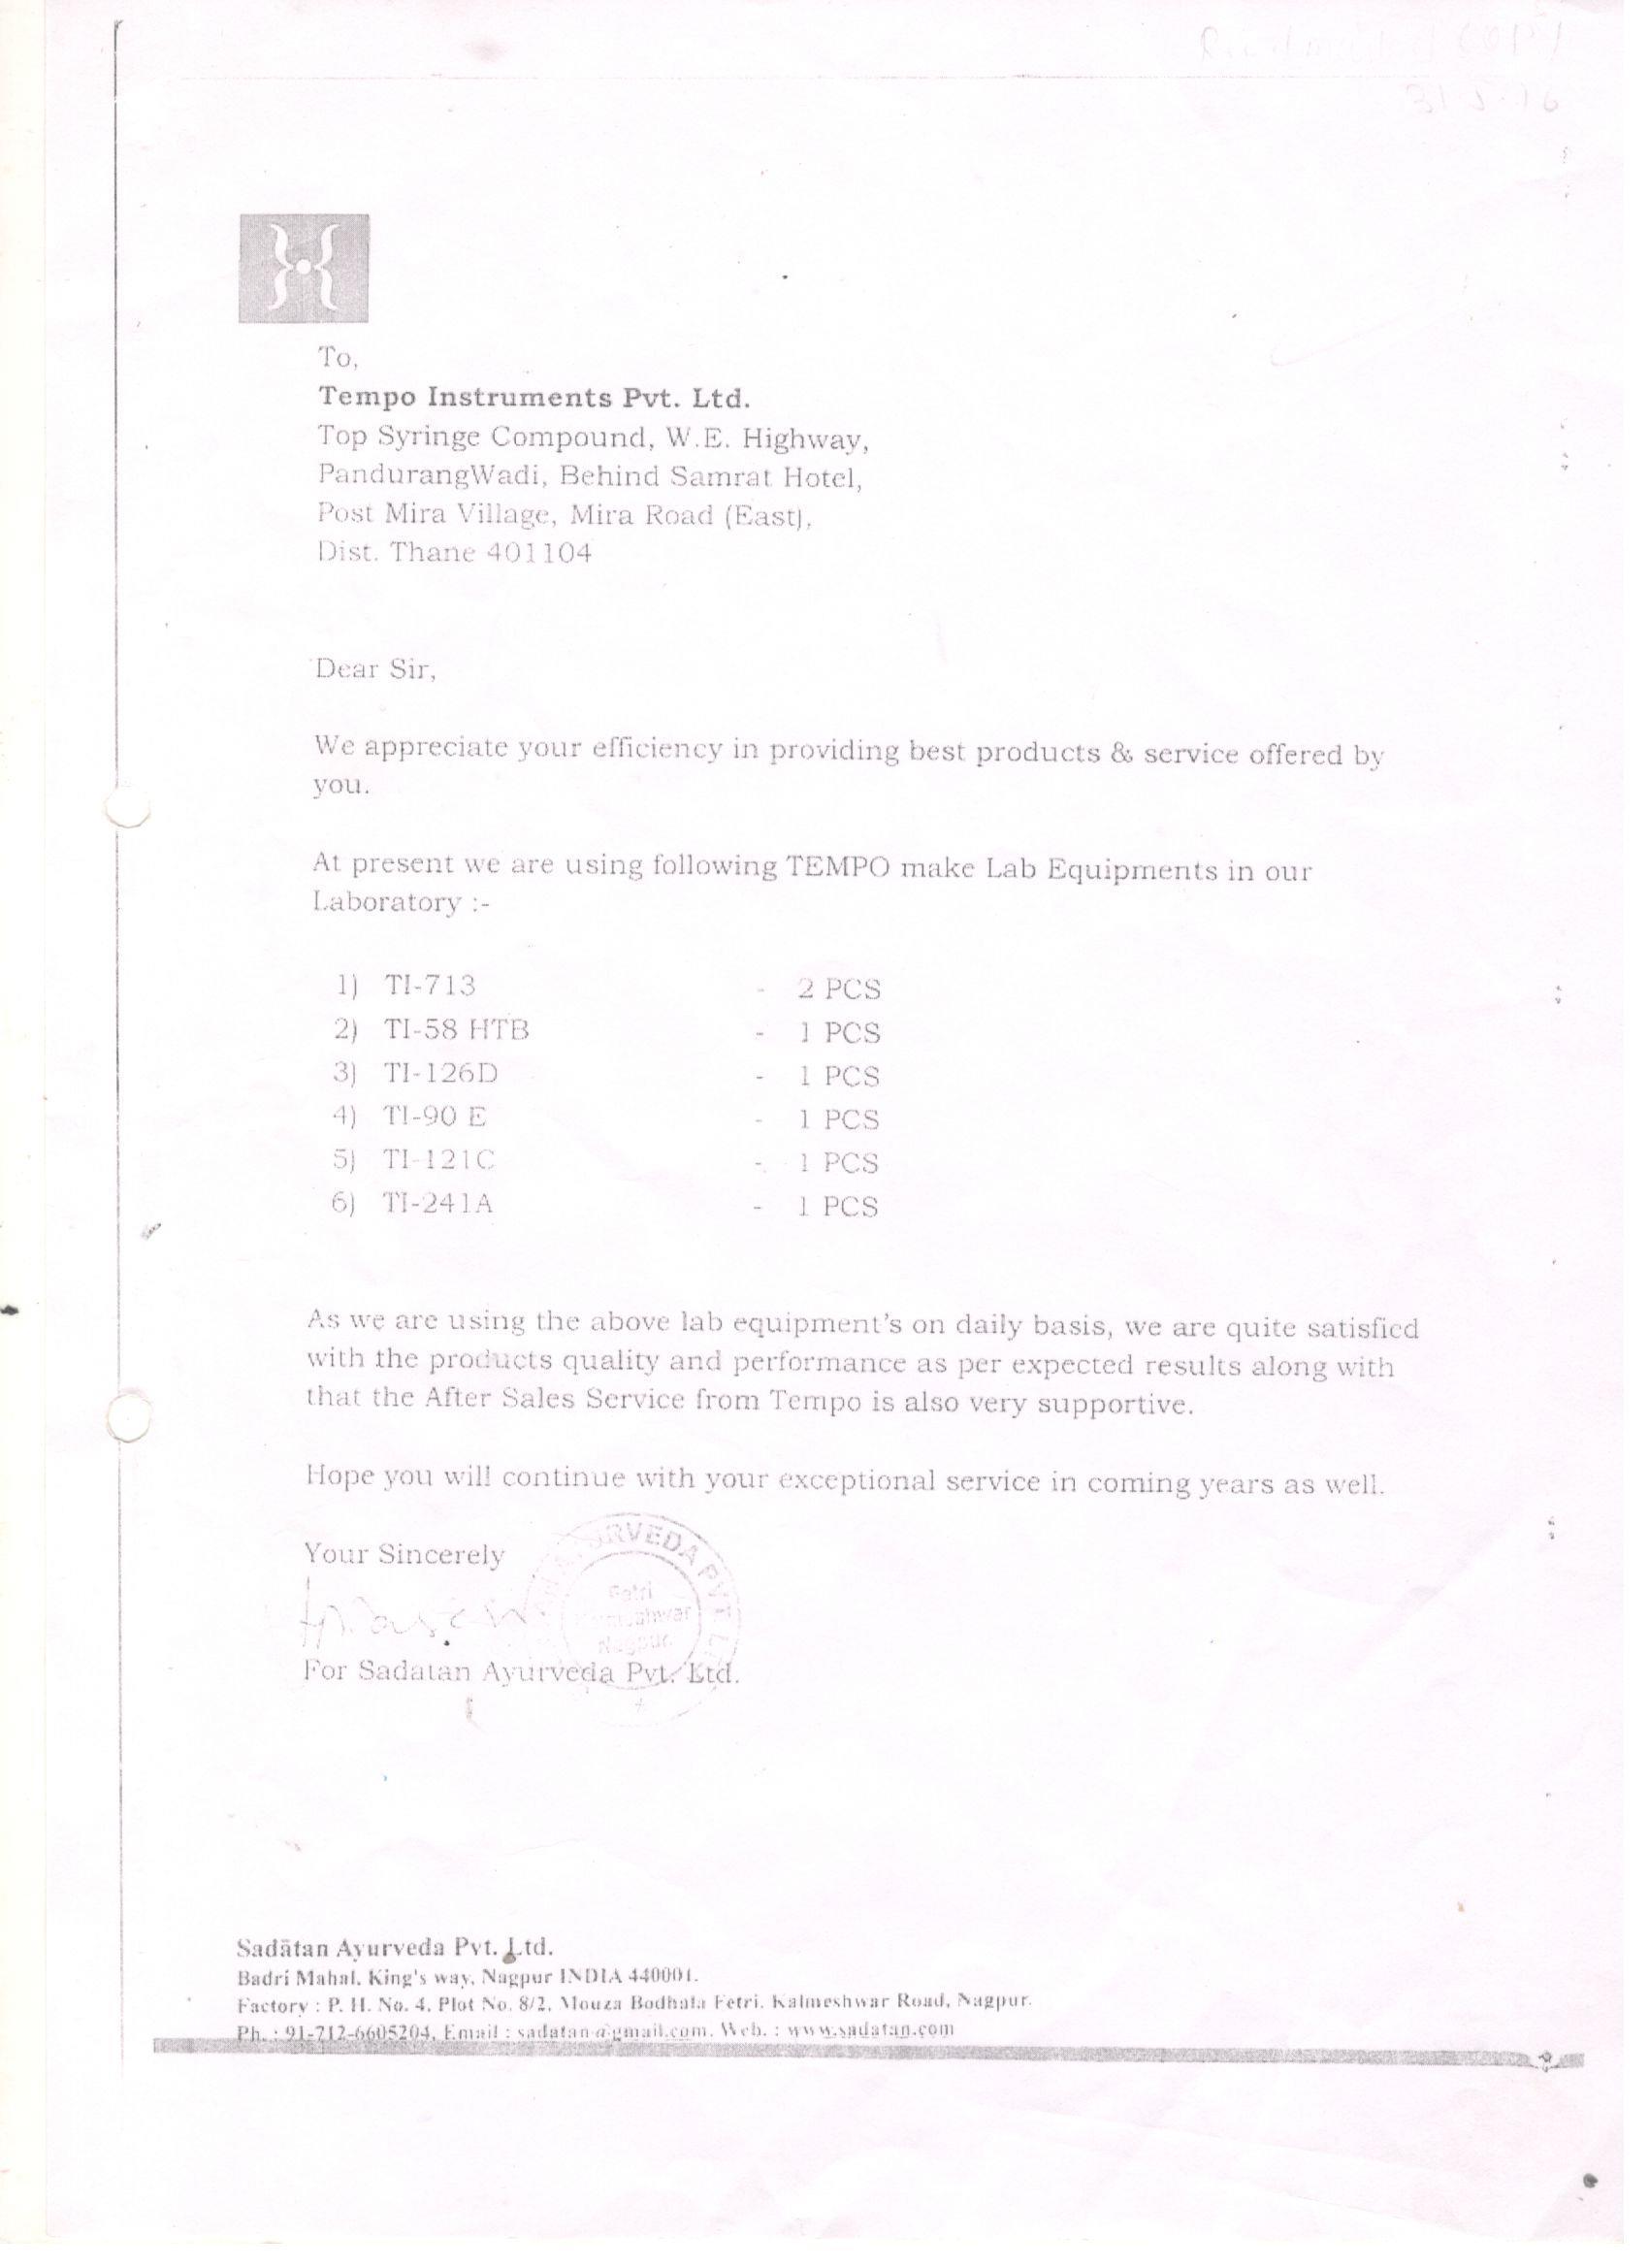 Sadatan Ayurveda Pvt Ltd